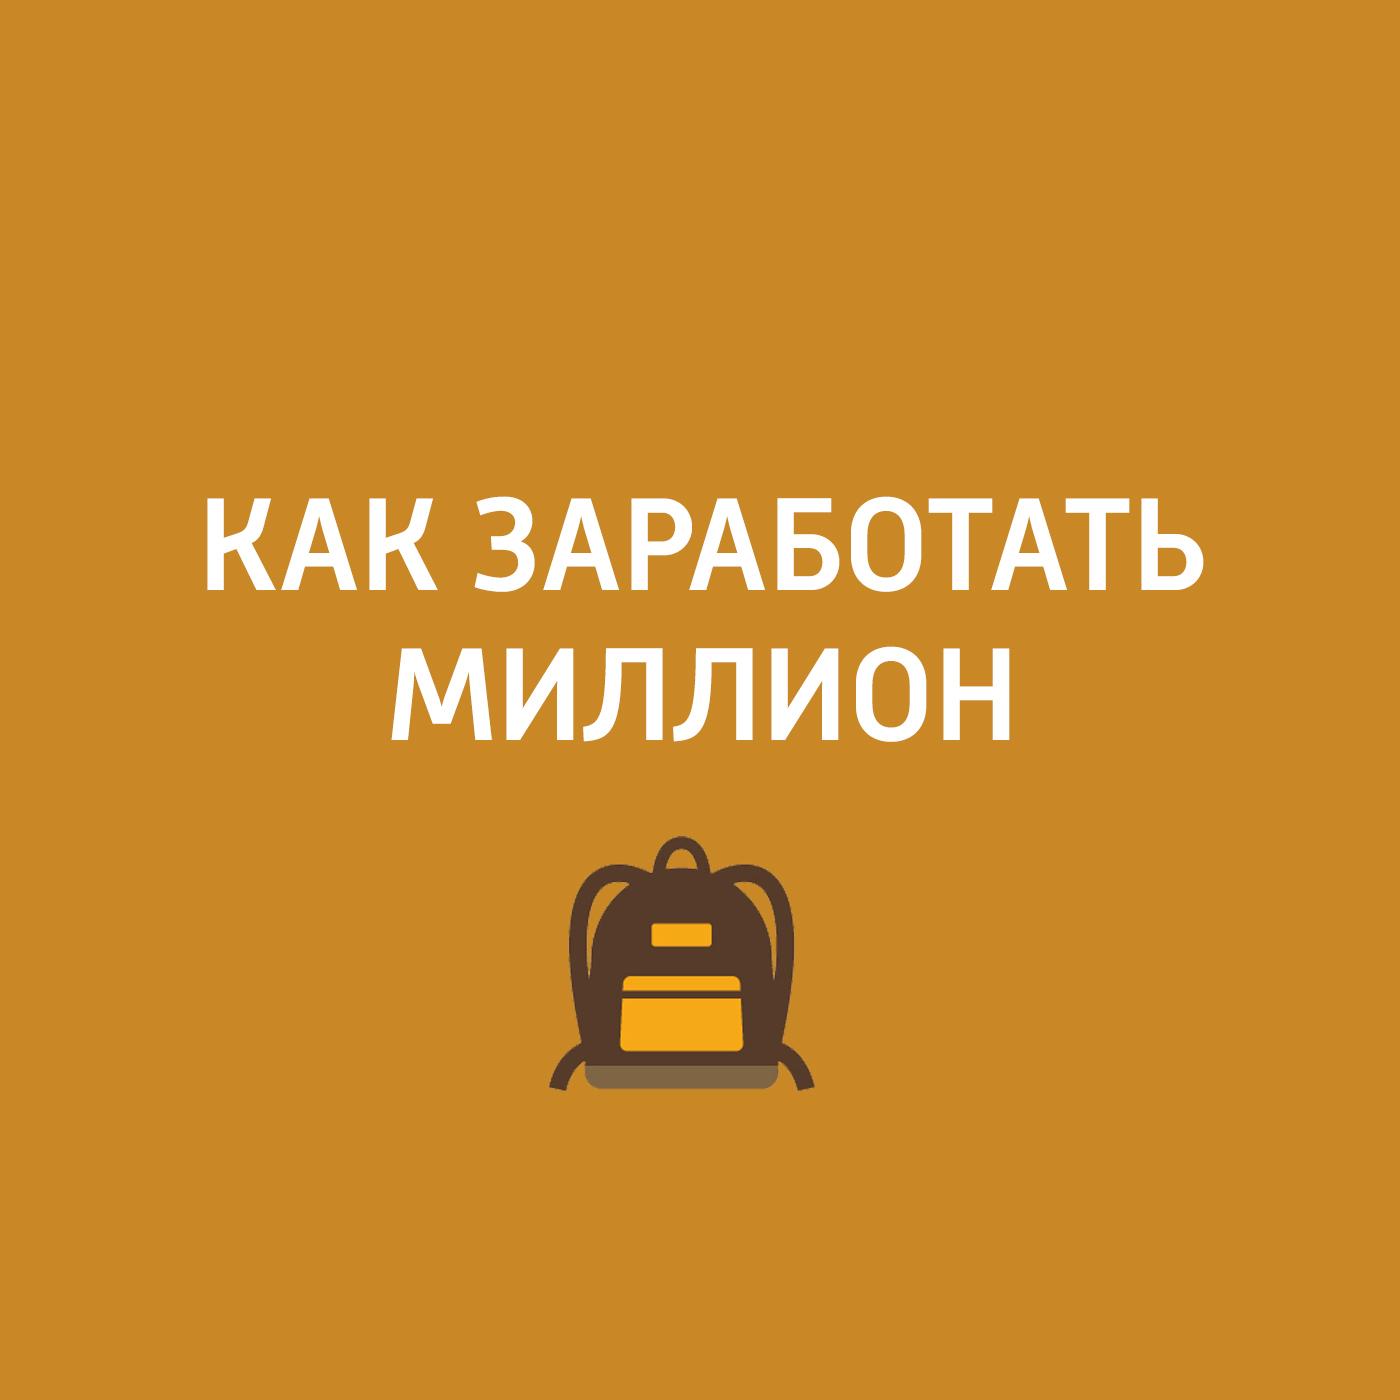 купить Творческий коллектив шоу «Сергей Стиллавин и его друзья» Трехмерный конструктор